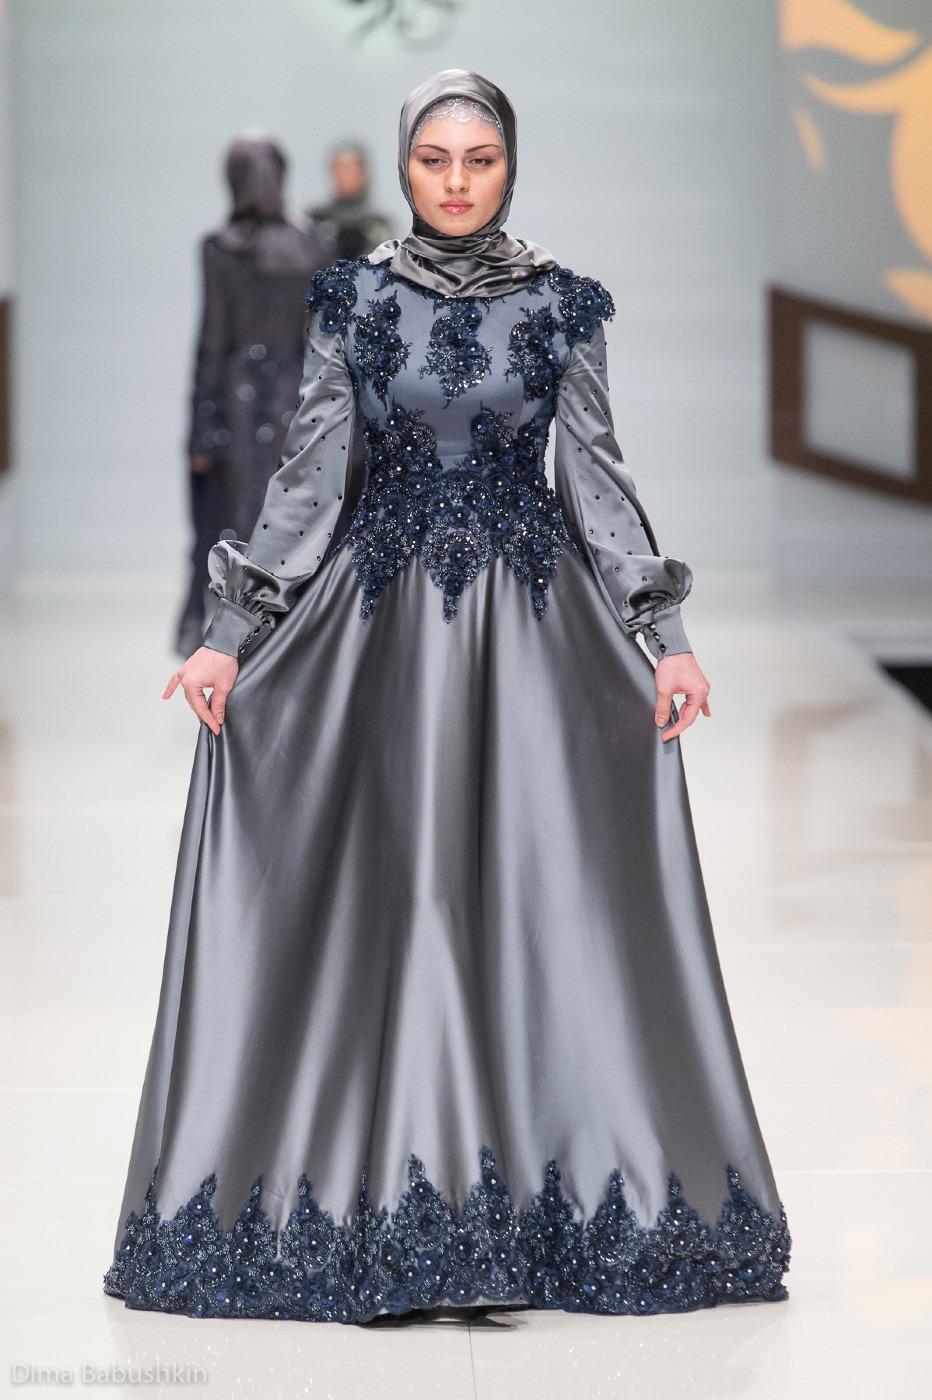 Чеченки в платьях фото 14 фотография